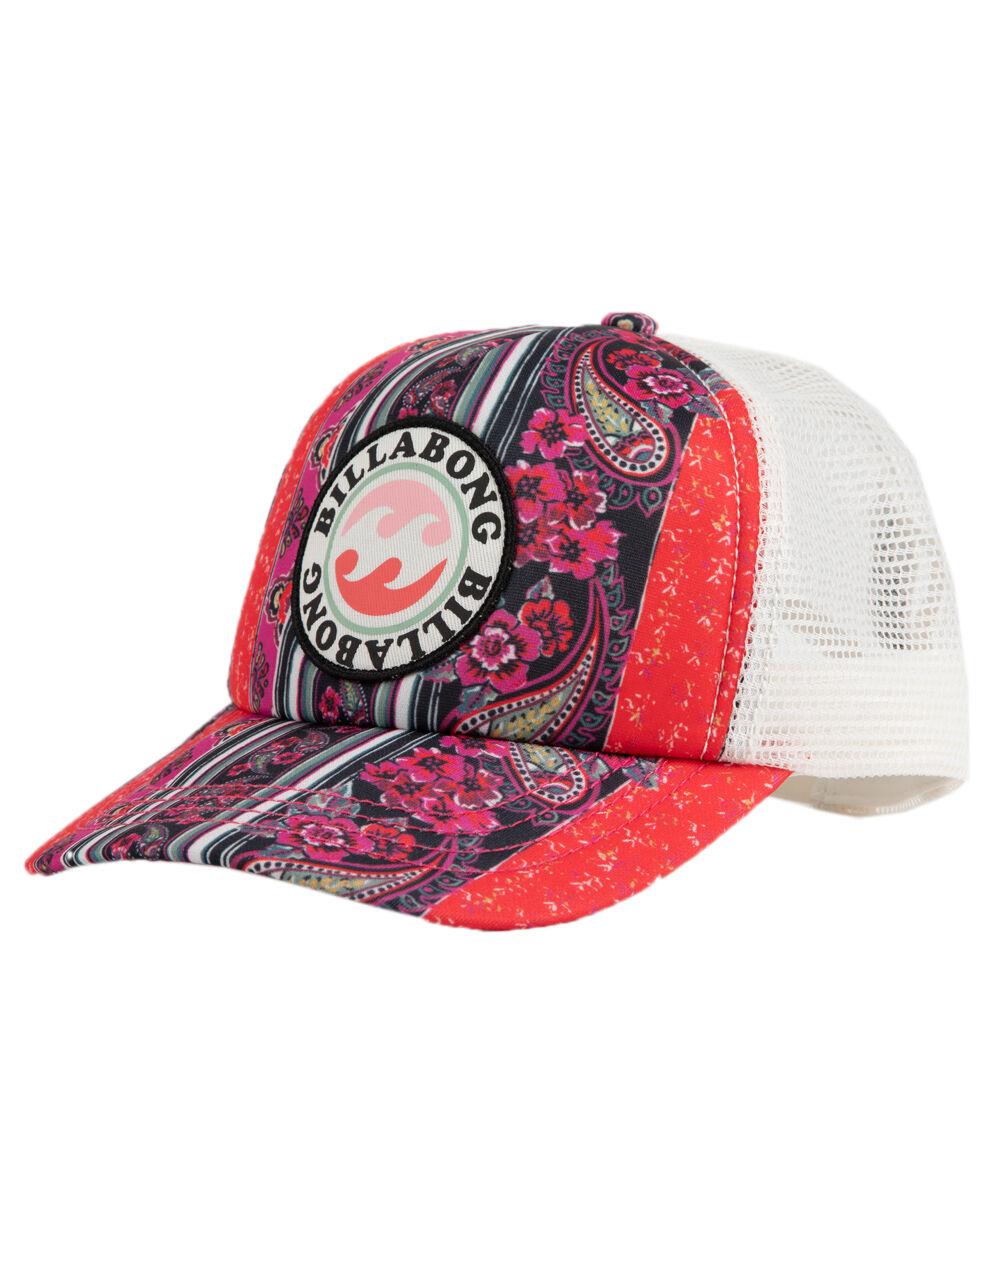 BILLABONG SHENANIGANS FLORAL GIRLS TRUCKER HAT